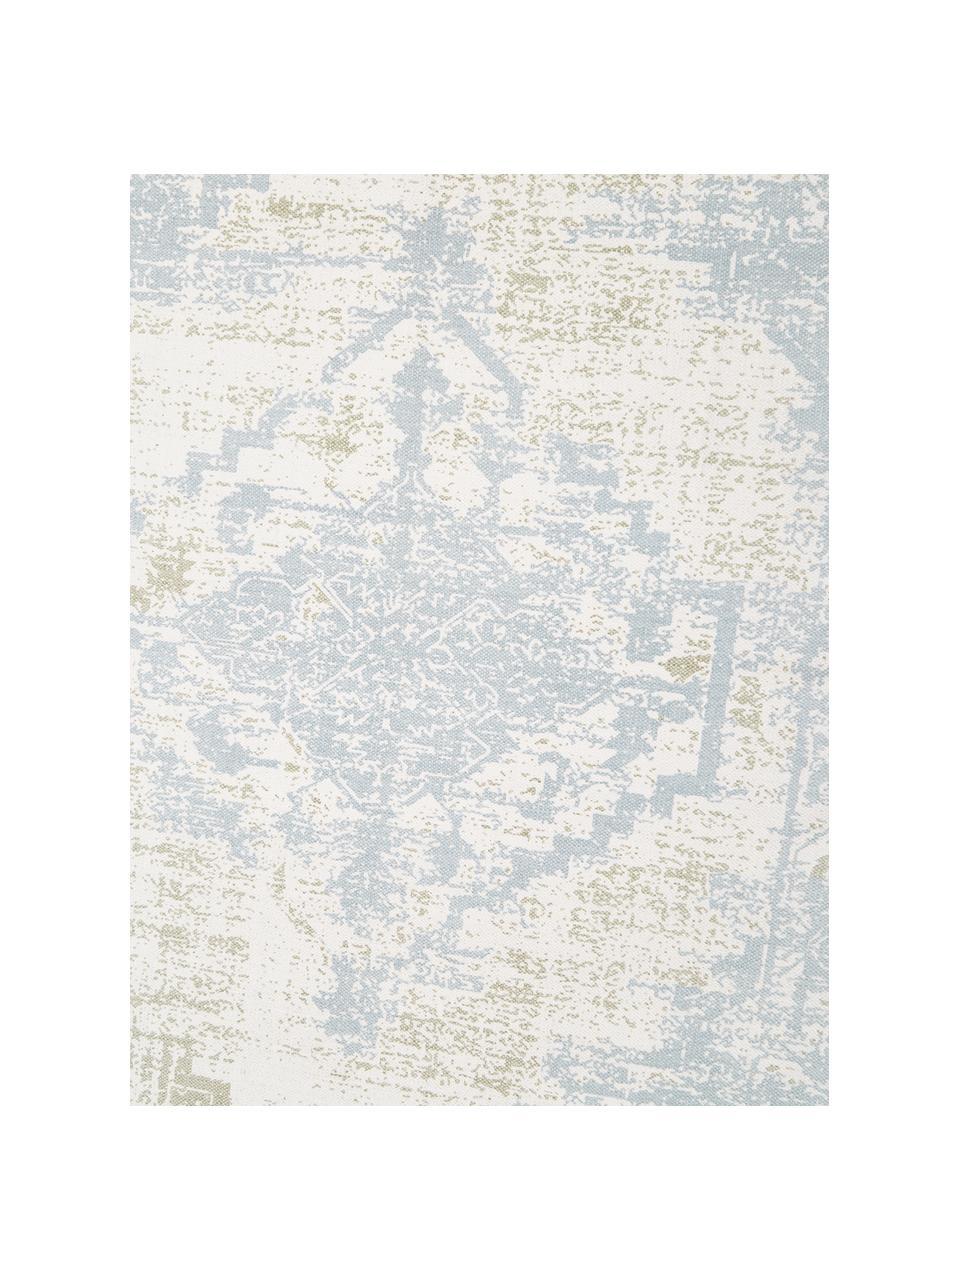 Tapis fin en coton beige-bleu vintage tissé main Jasmine, Beige, bleu